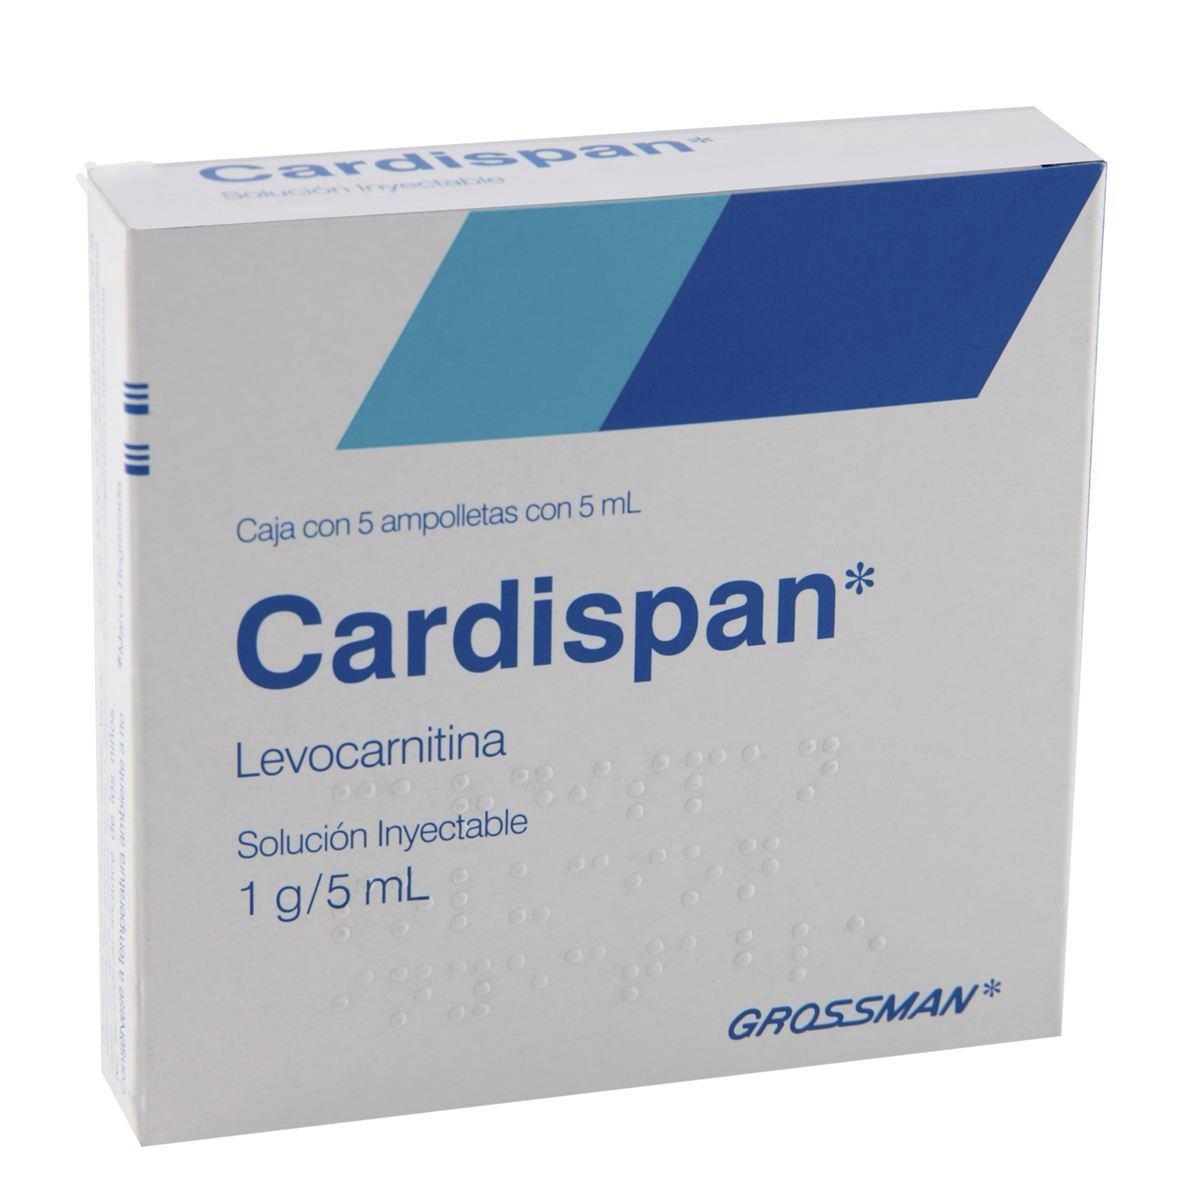 Cardispan (Levocarnitina): ¿Sirve?, beneficios, precio